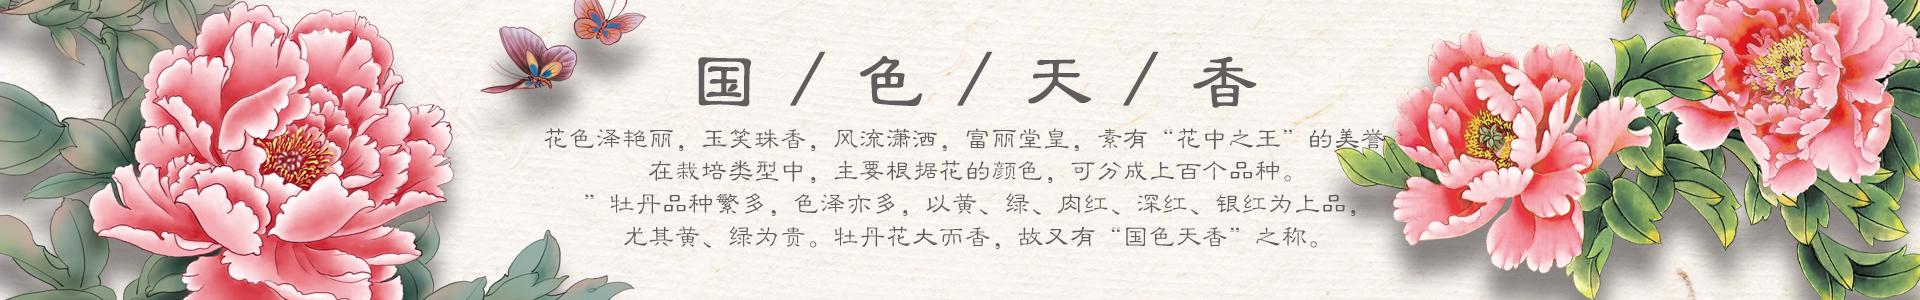 牡丹瓷工艺品网